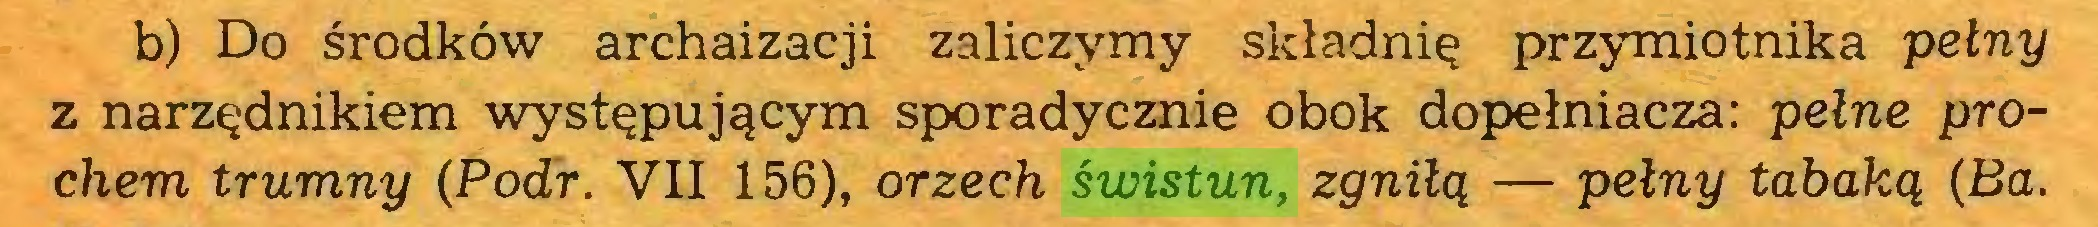 (...) b) Do środków archaizacji zaliczymy składnią przymiotnika pełny z narządnikiem występującym sporadycznie obok dopełniacza: pełne prochem trumny (Podr. VII 156), orzech świstun, zgniłą — pełny tabaką (Ba...